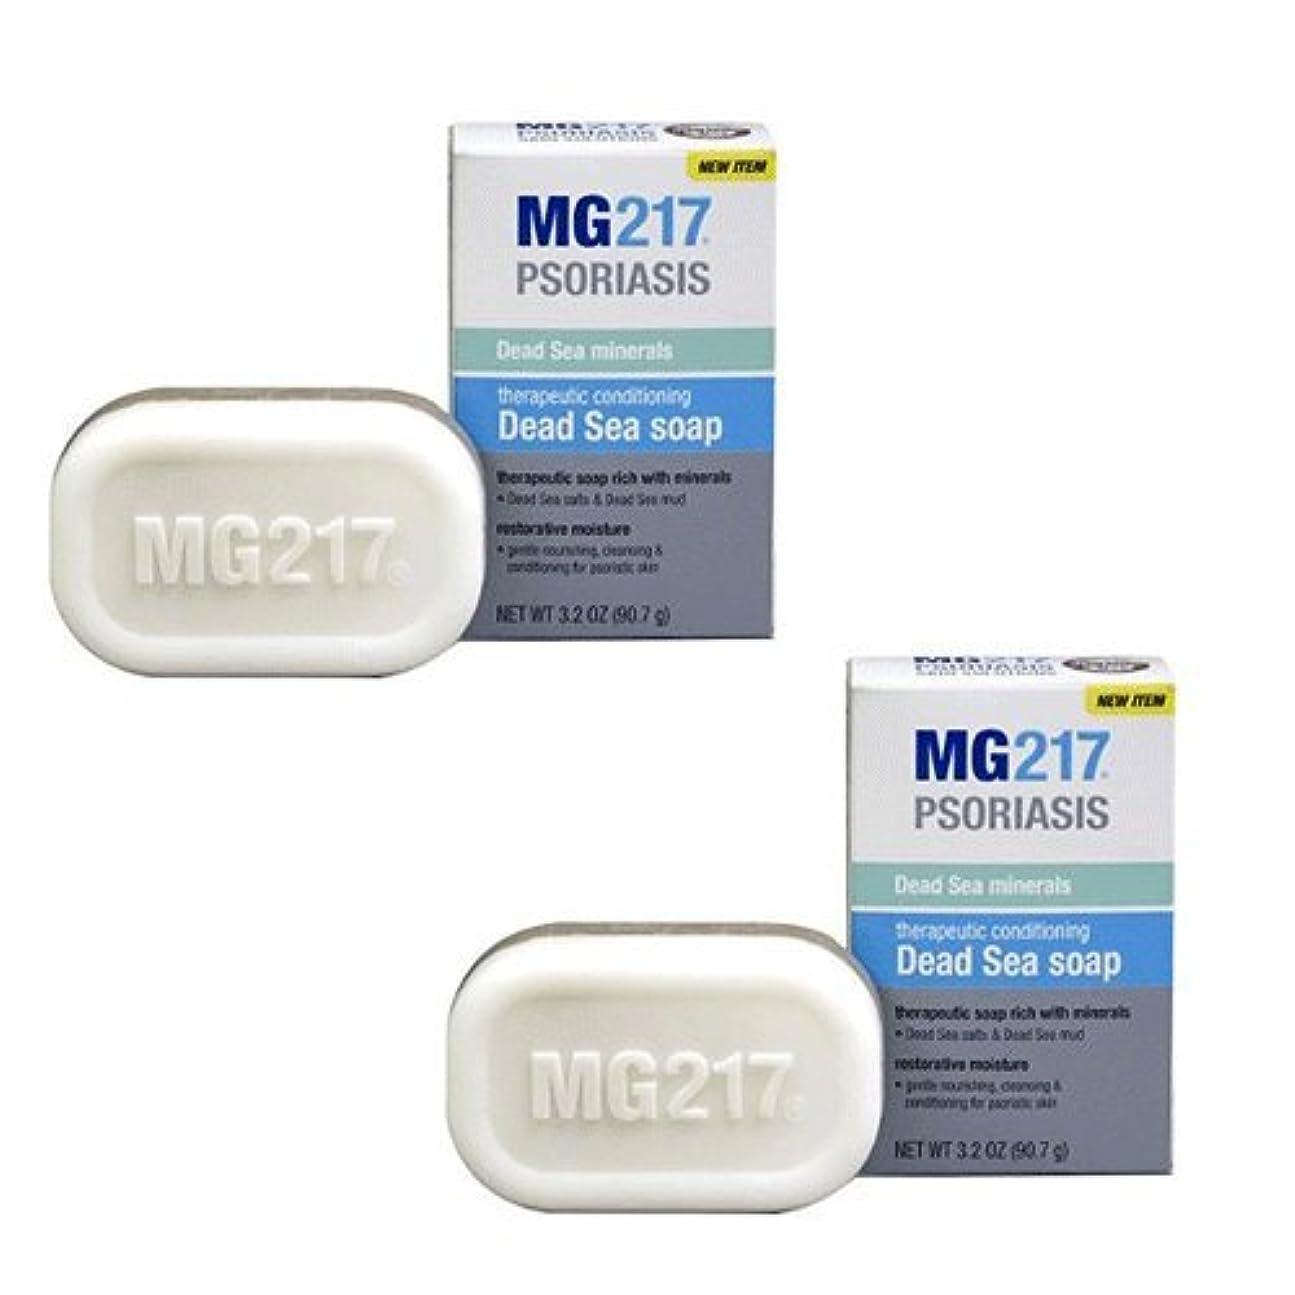 細分化する母性形状2個セット 死海の泥とミネラルたっぷり MG217ソープ 90g MG217 Psoriasis Therapeutic Conditioning Dead Sea Bar Soap